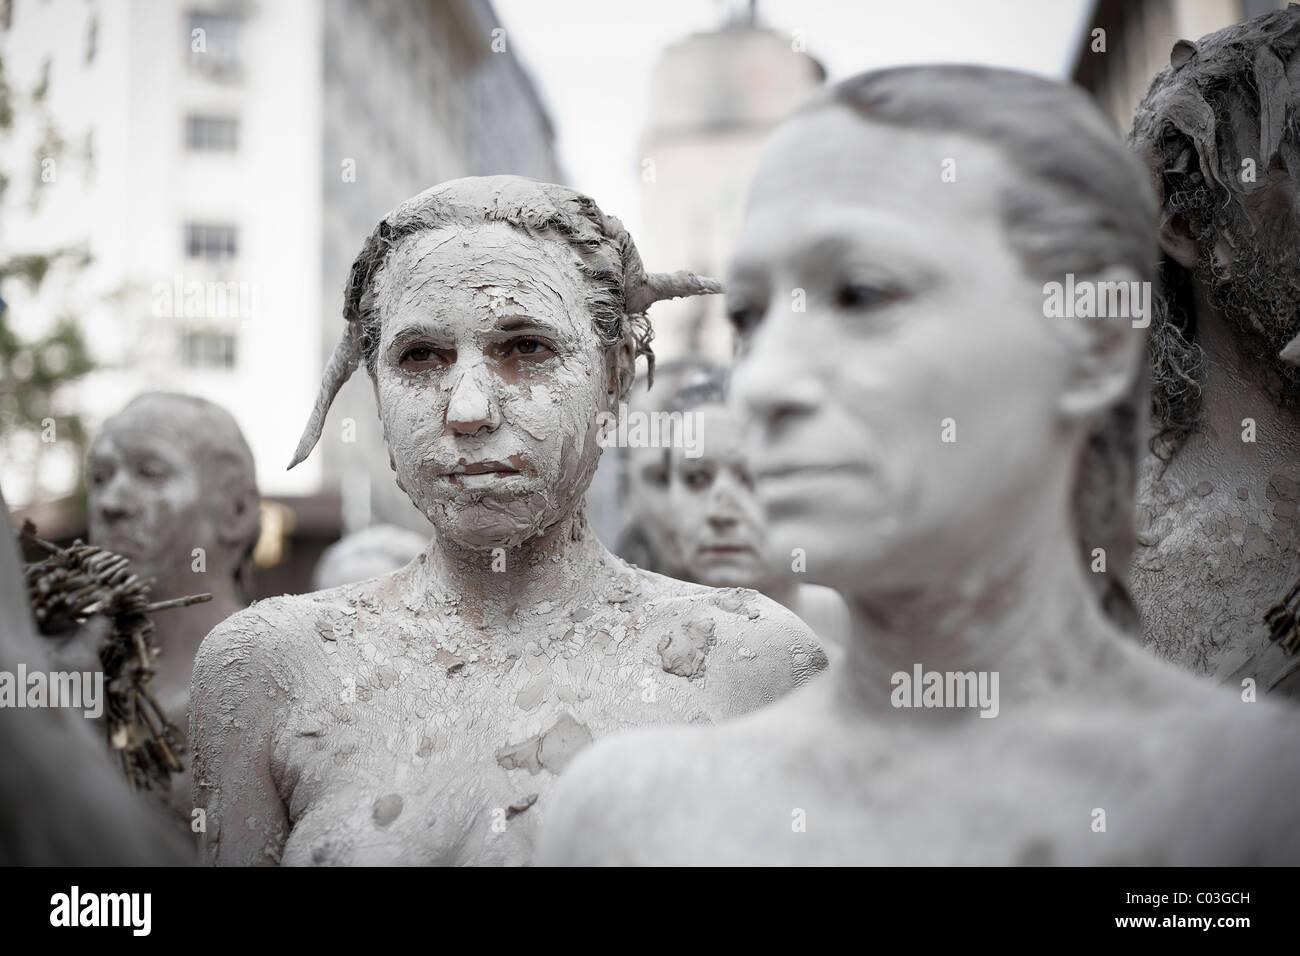 Gruppe junge Nudisten künstlerischen Ausdrucksformen zu